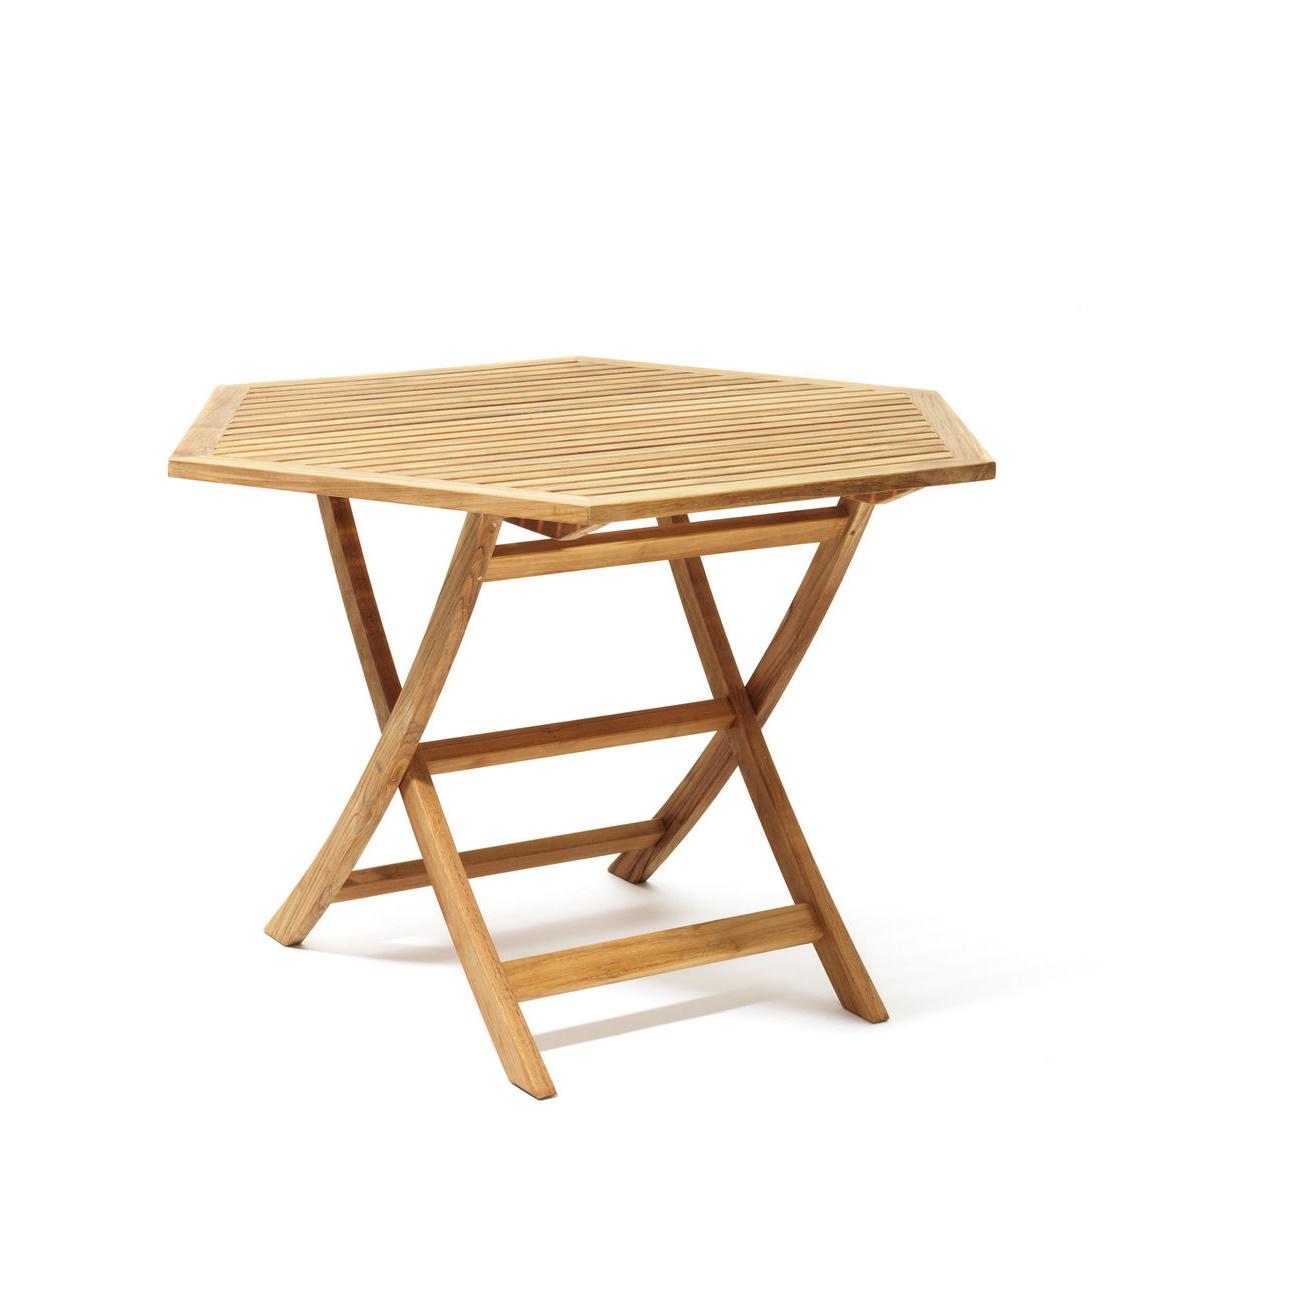 Viken bord 110 cm, Skargaarden